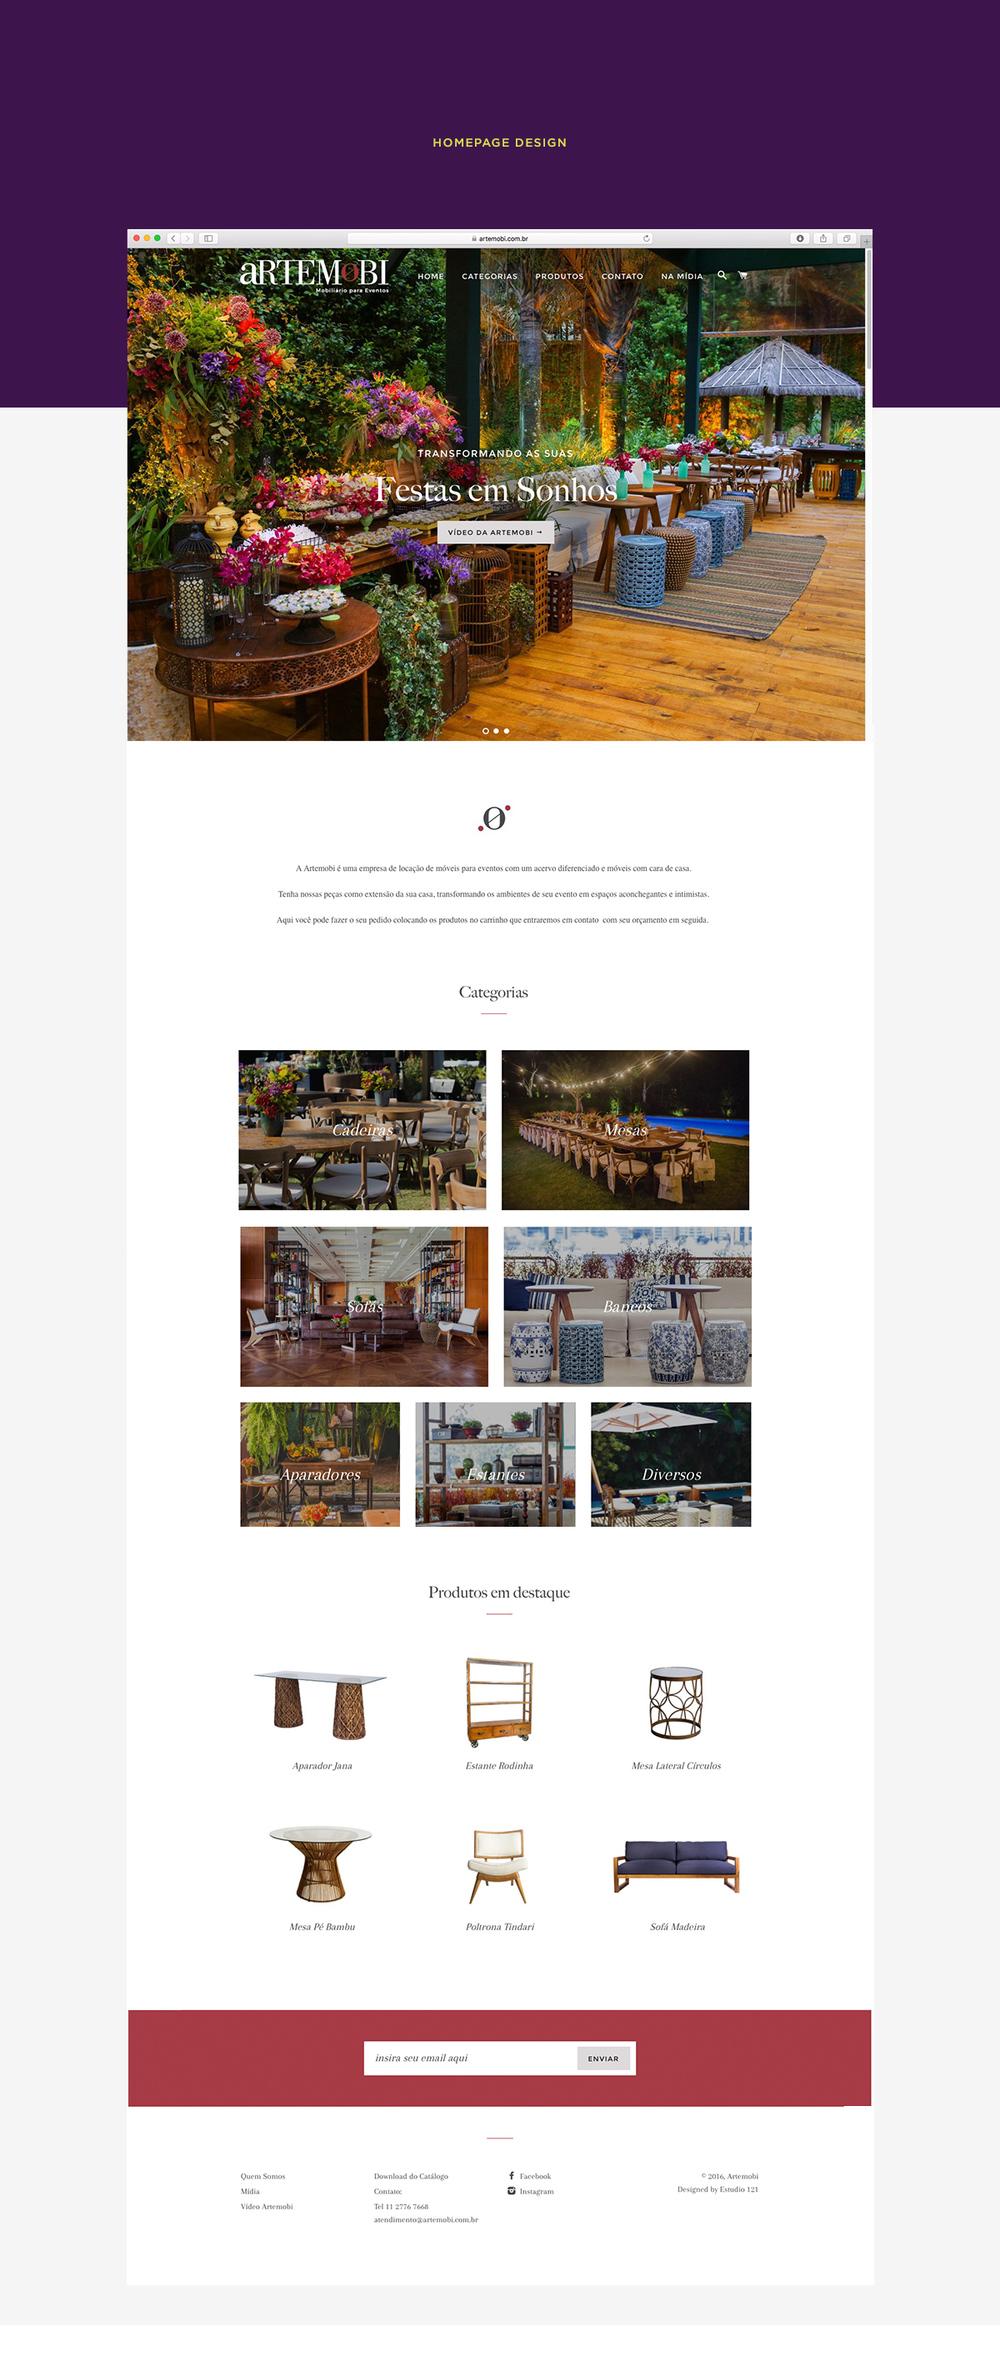 Artemobi_Site_2.jpg